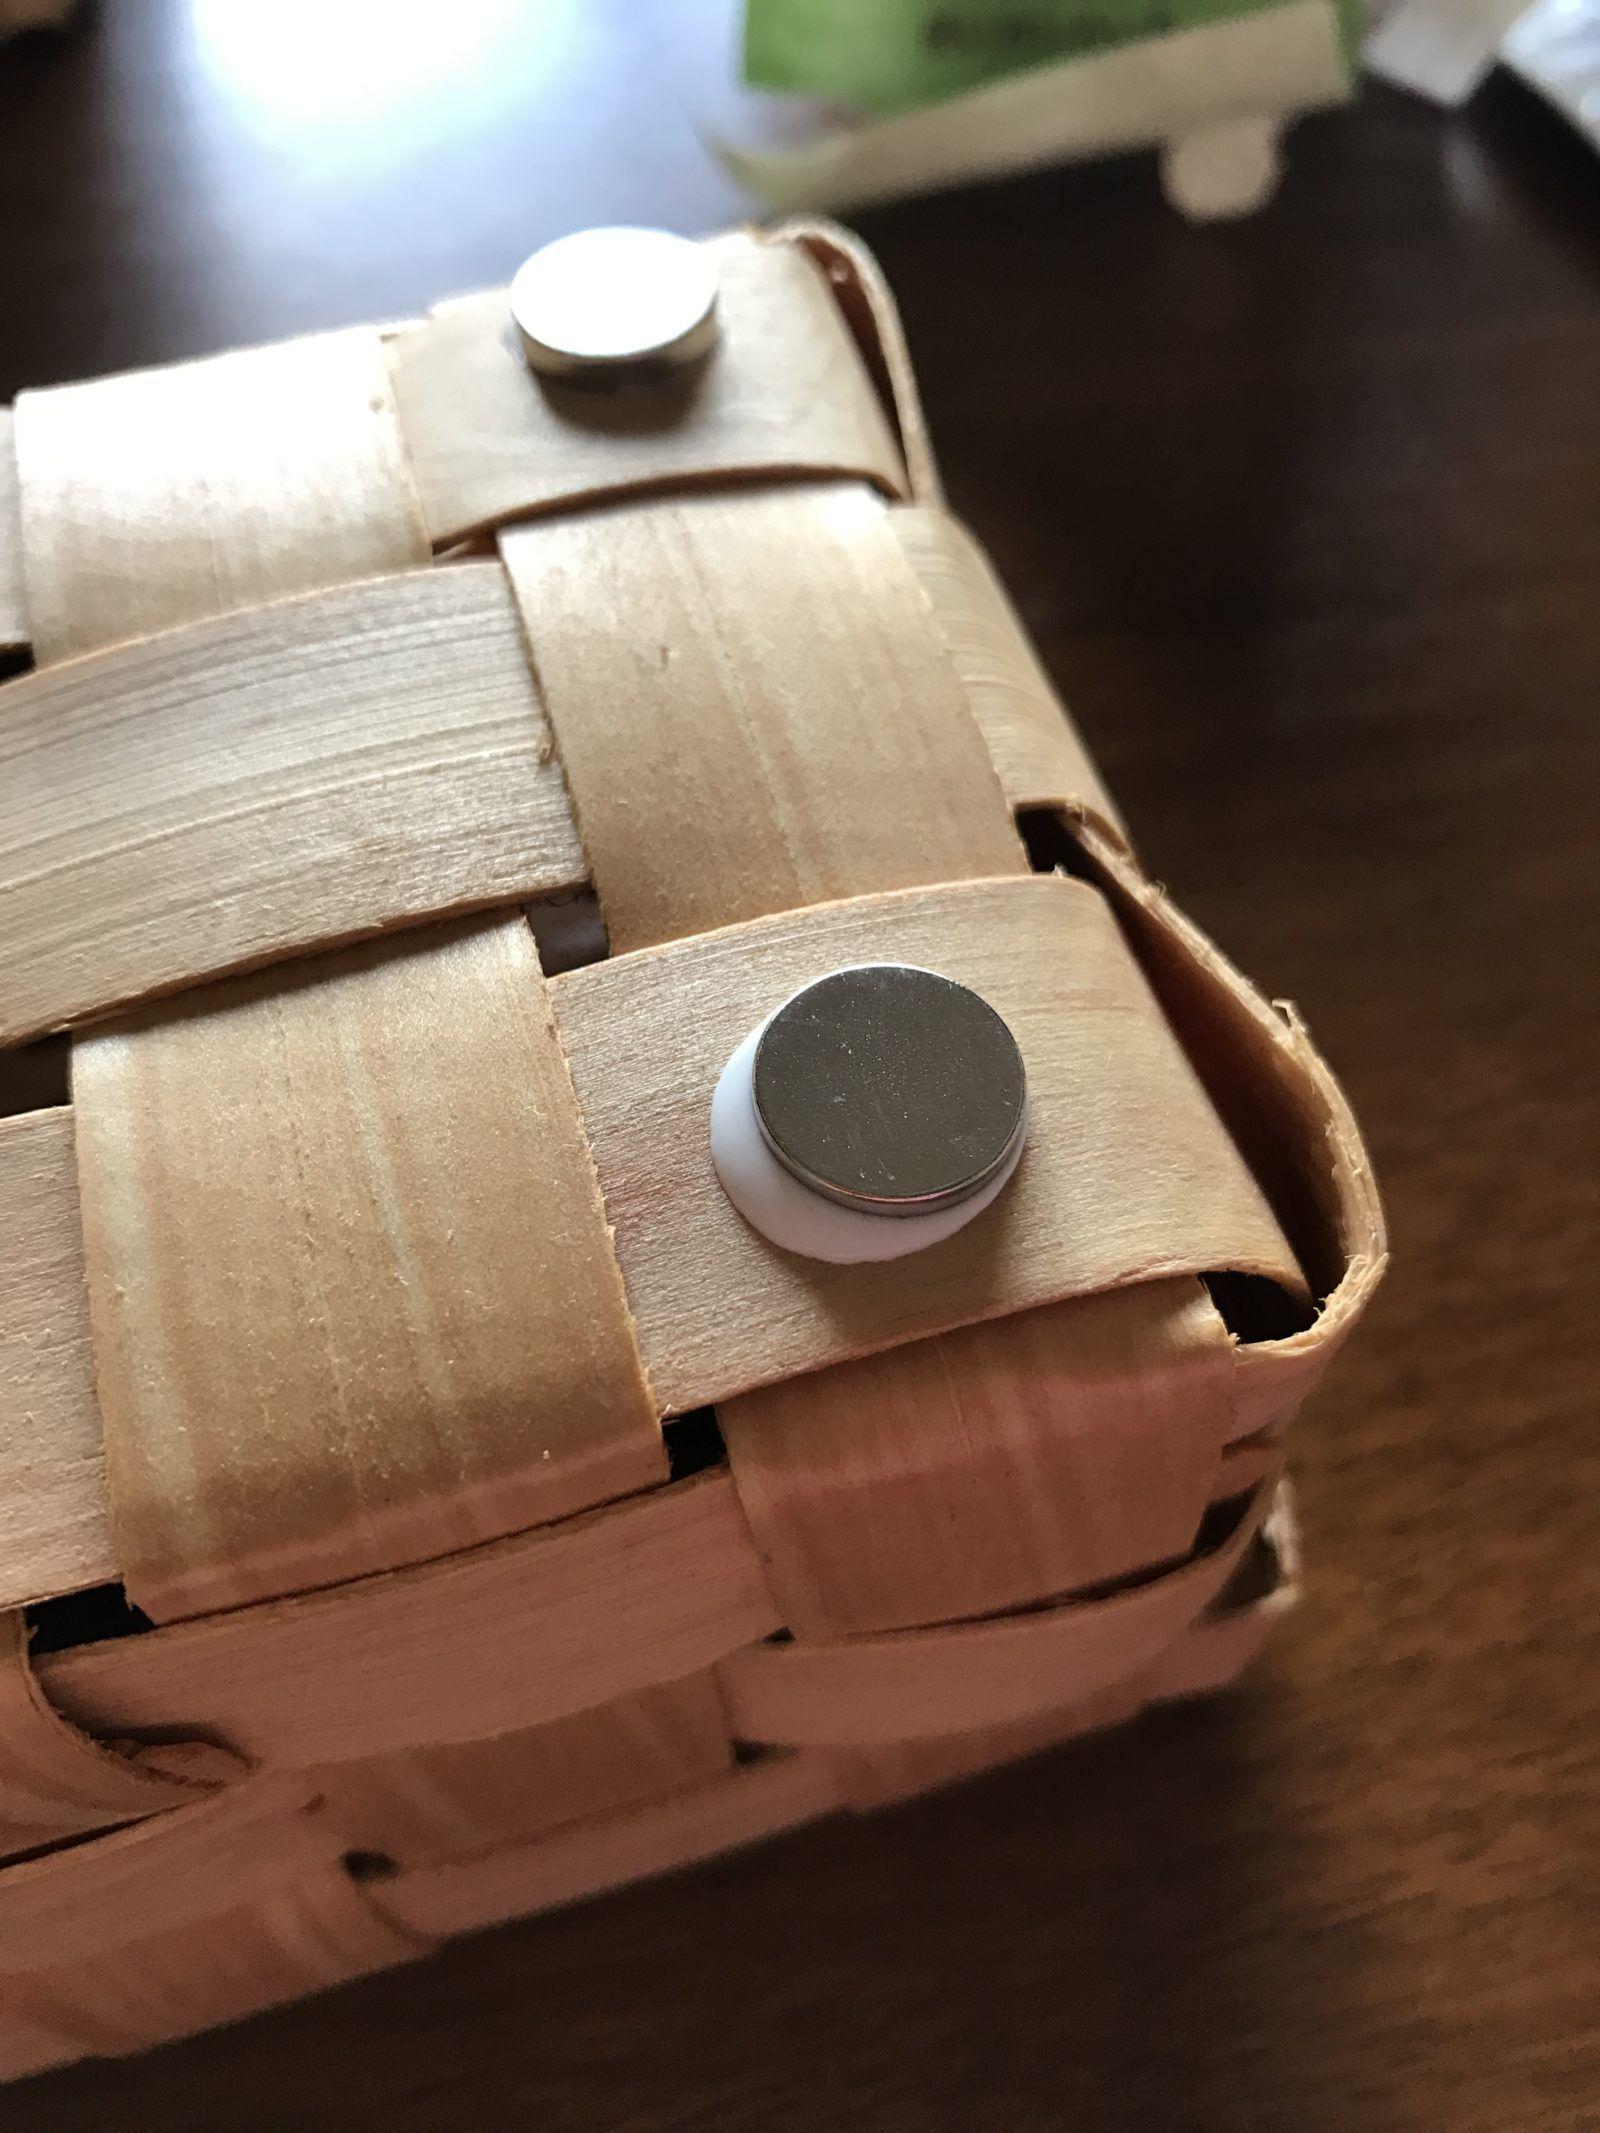 開け閉めいらずで取り出し楽チン セリア プルアウトボックス が便利 Container Box Life Hacks